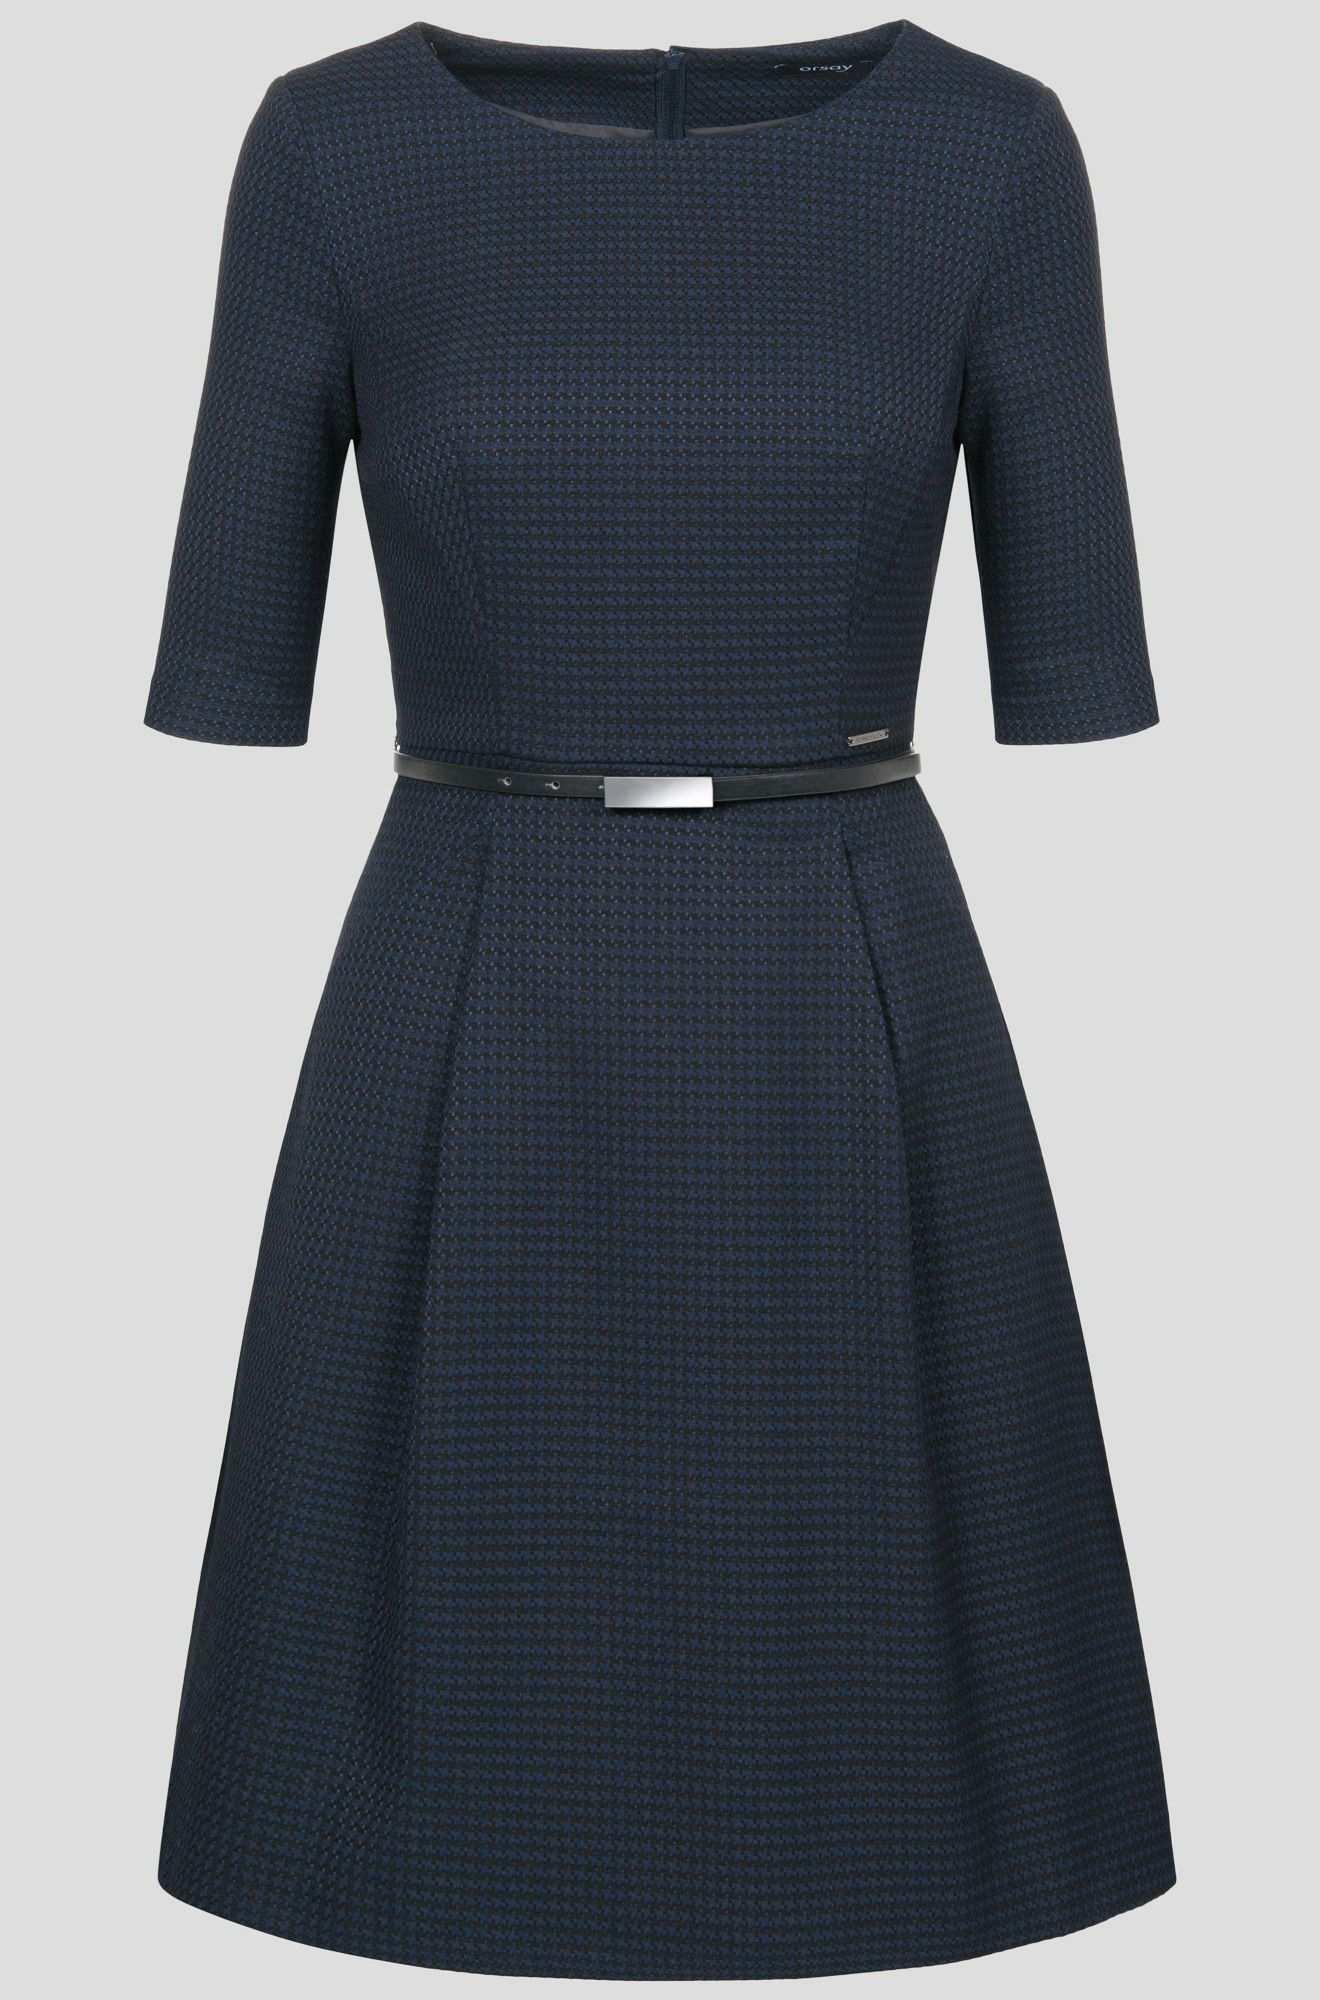 Jacquard Kleid Mit Muster Schone Kleider Kleider Kleider Fur Jeden Anlass